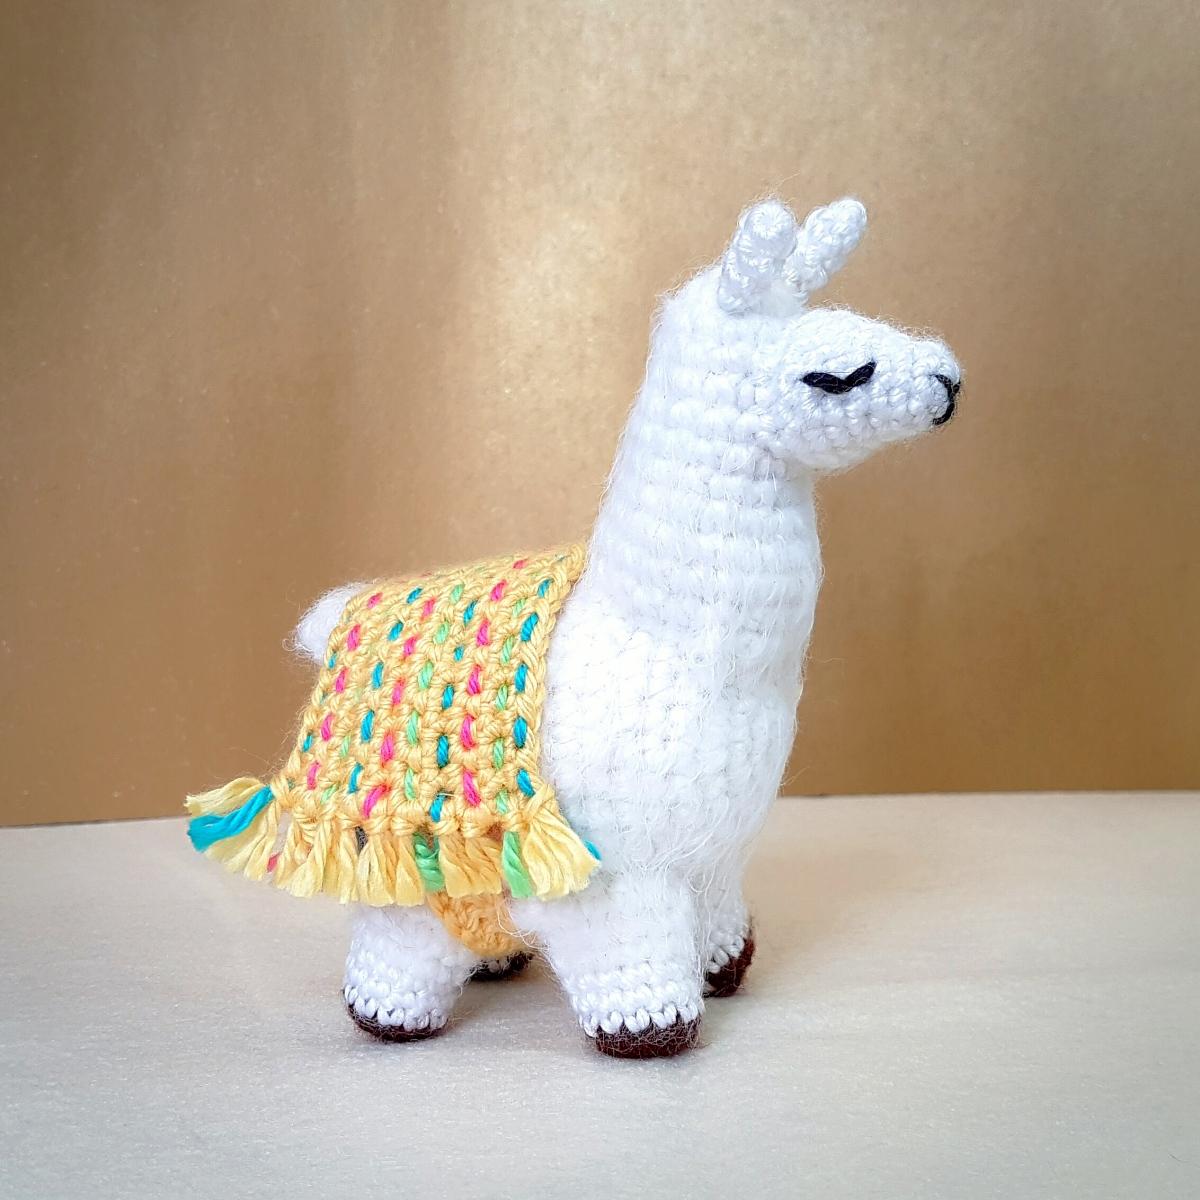 A New Amigurumi Llama Pattern | móhu | 1200x1200